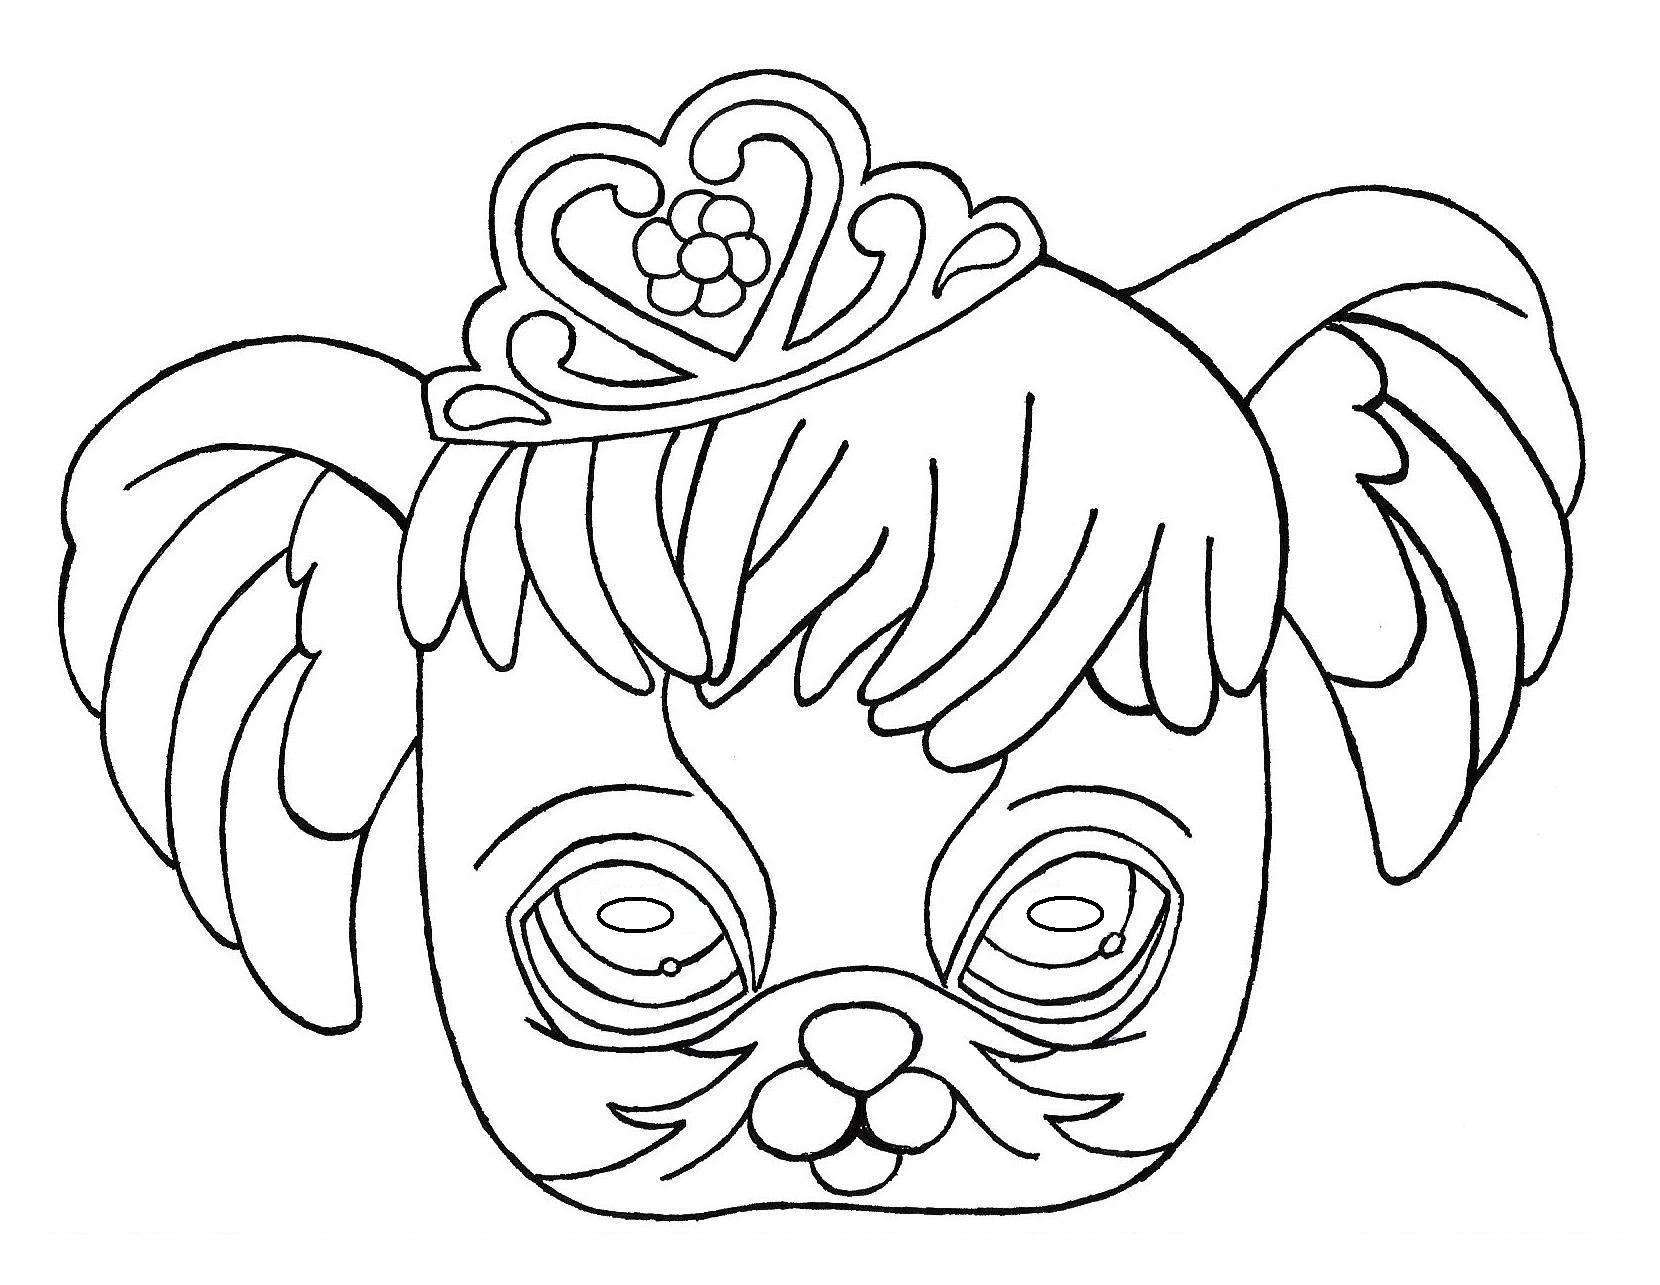 Masque-P273 Decoupage A Imprimer Pour Enfants tout Masques Animaux À Imprimer